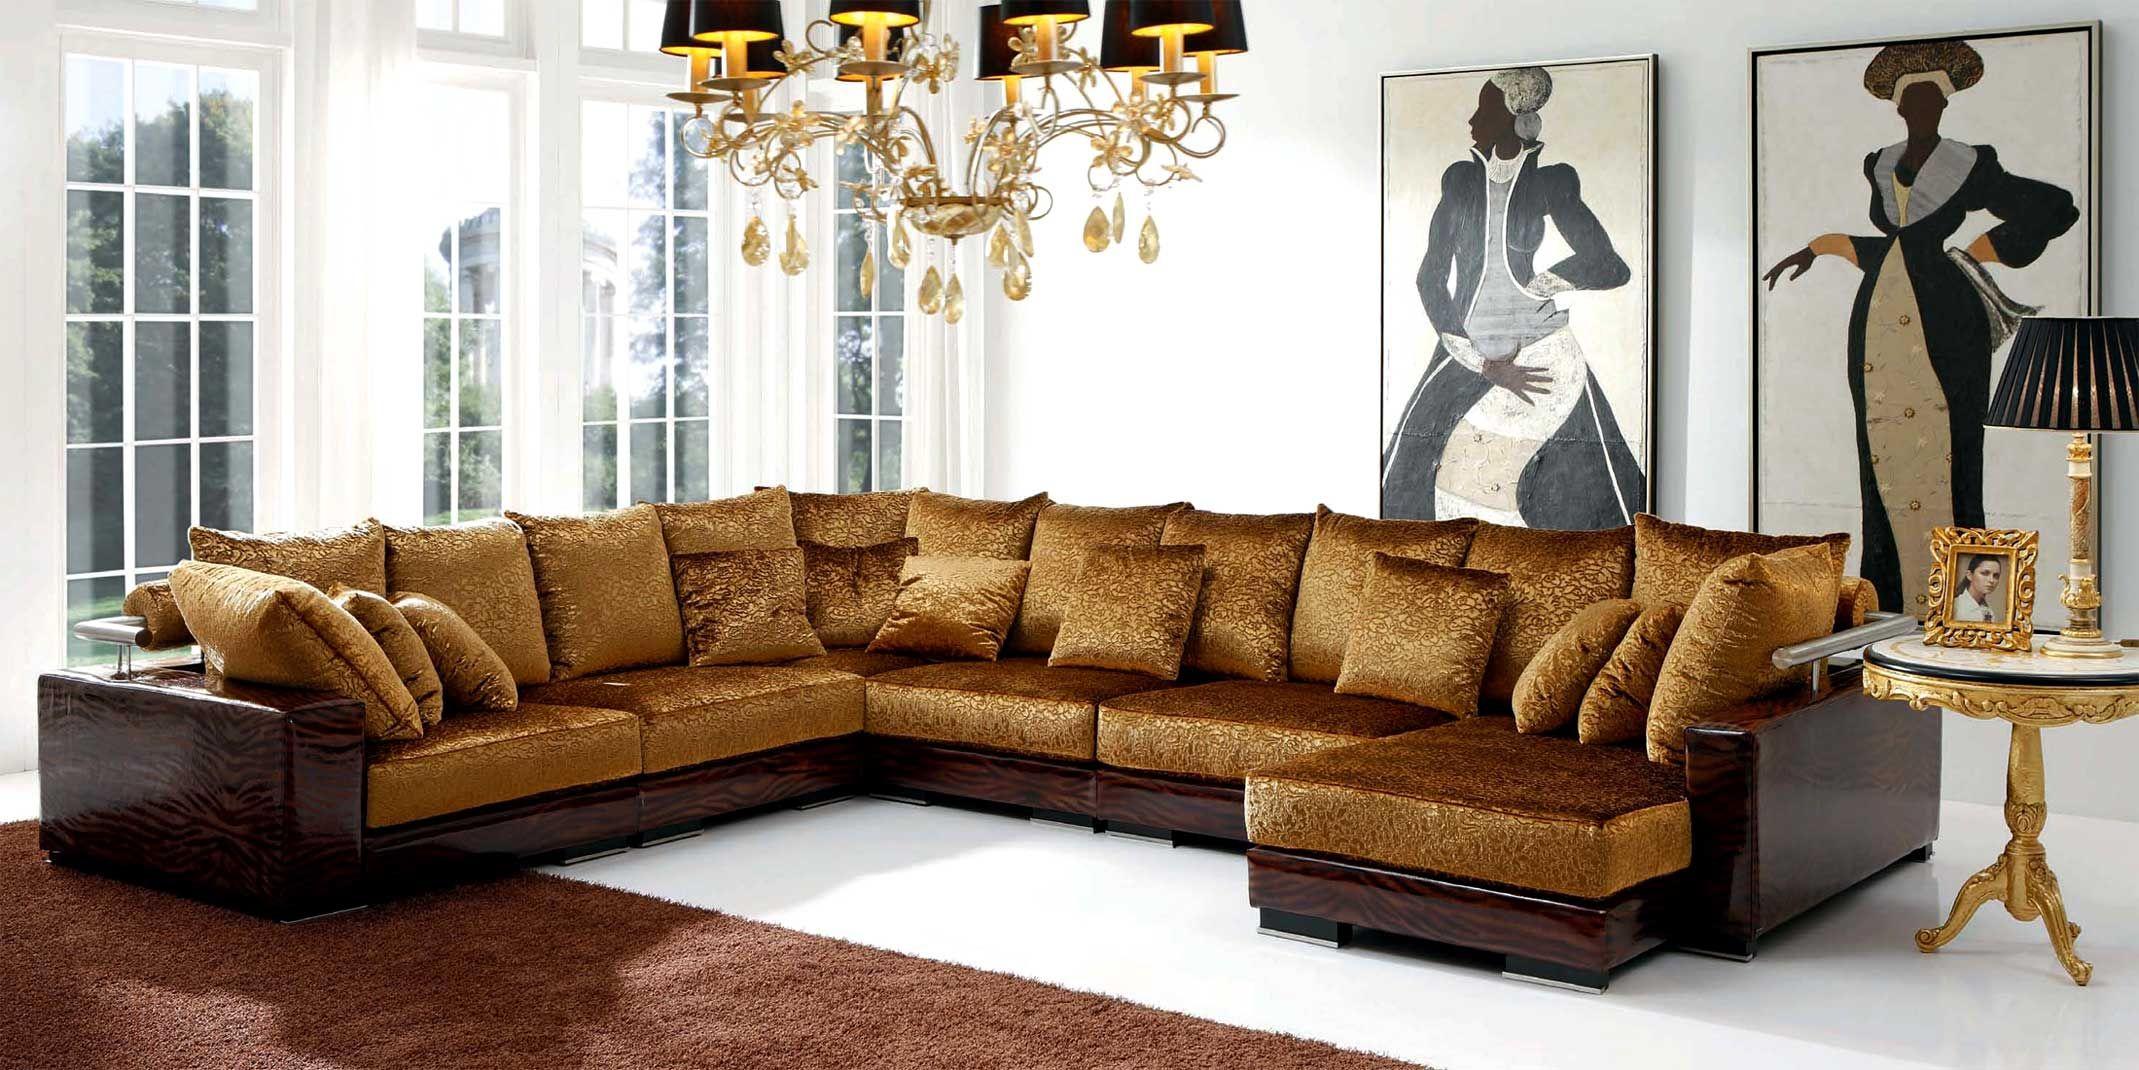 Top 10 Sofas To Improve Your Interior Design Luxury Furniture Brands Sofa Design Luxury Sofa